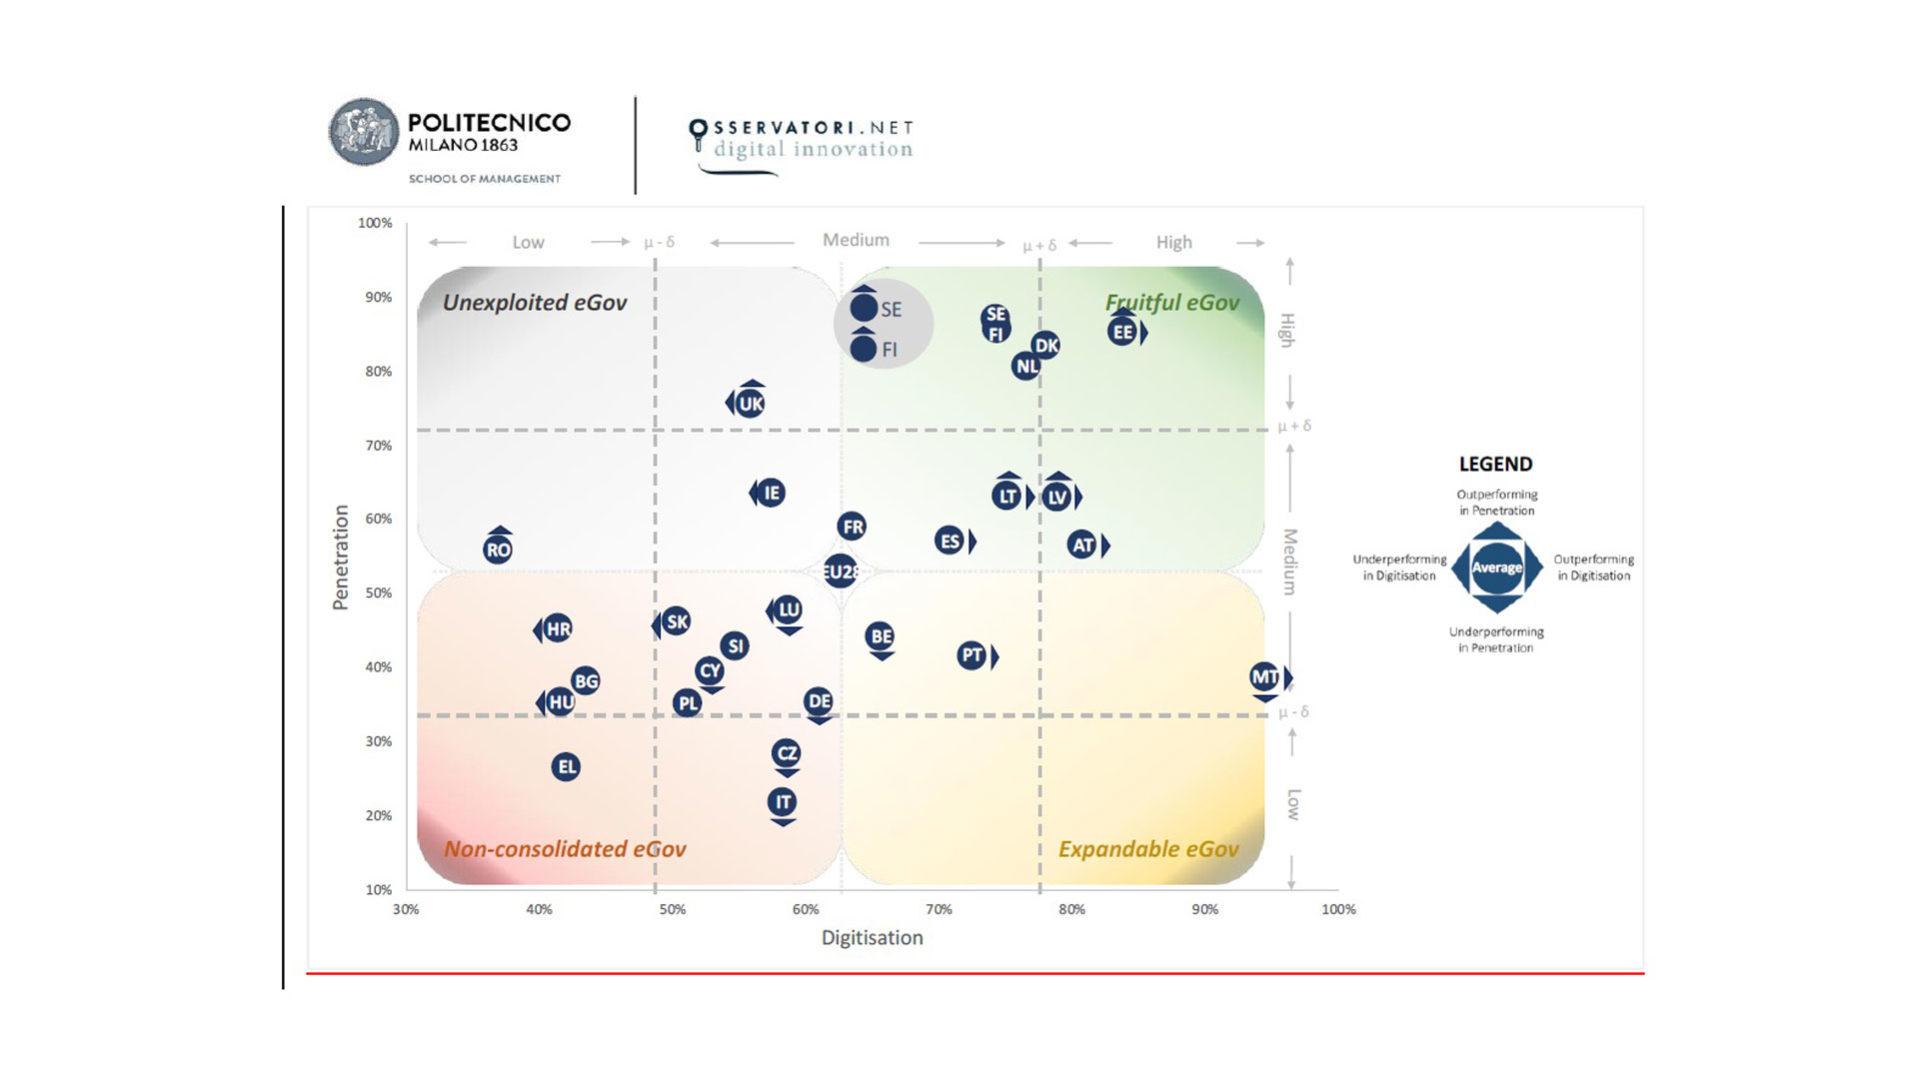 Grafico che mostra Posizionamento dei paesi europei nell'utilizzo dell'ICT per l'eGovernment